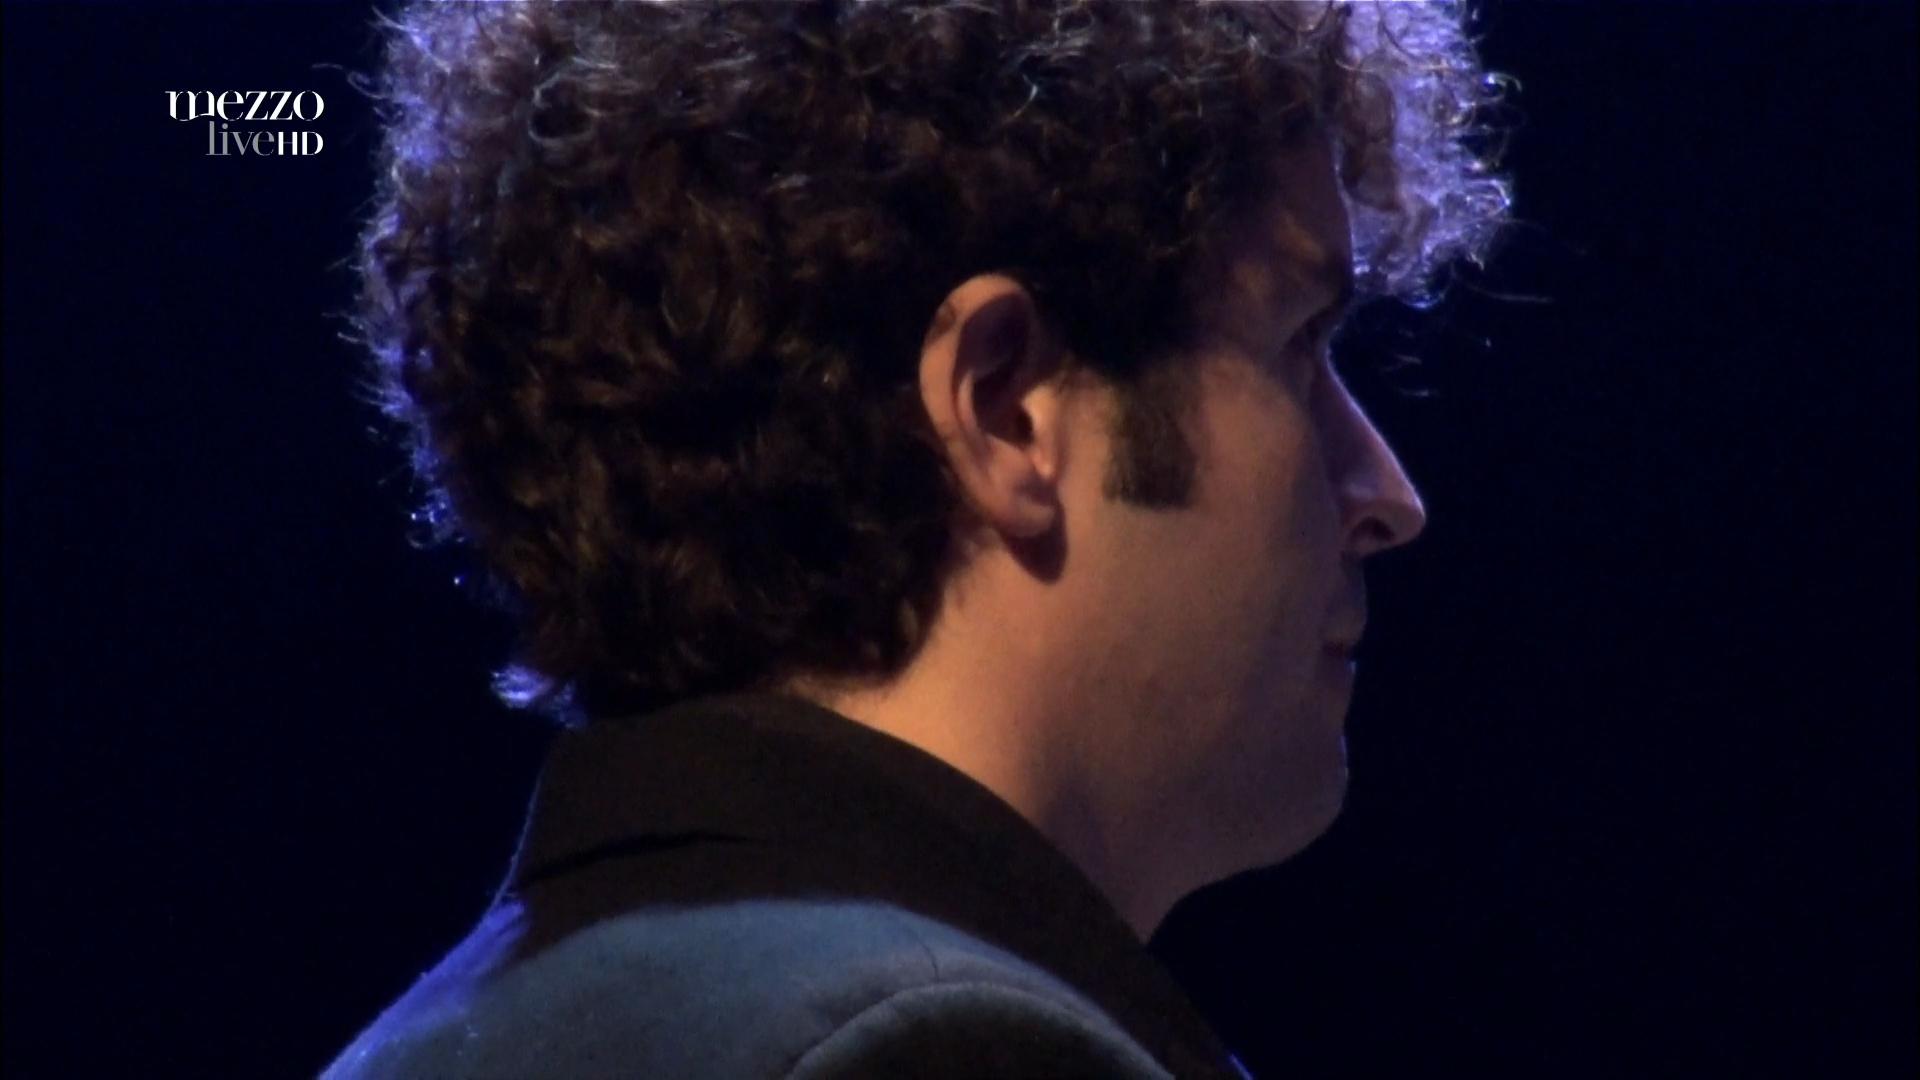 2012 Philip Catherine - 70th Birthday Tour - Skoda Jazz Festival [HDTV 1080i] 7